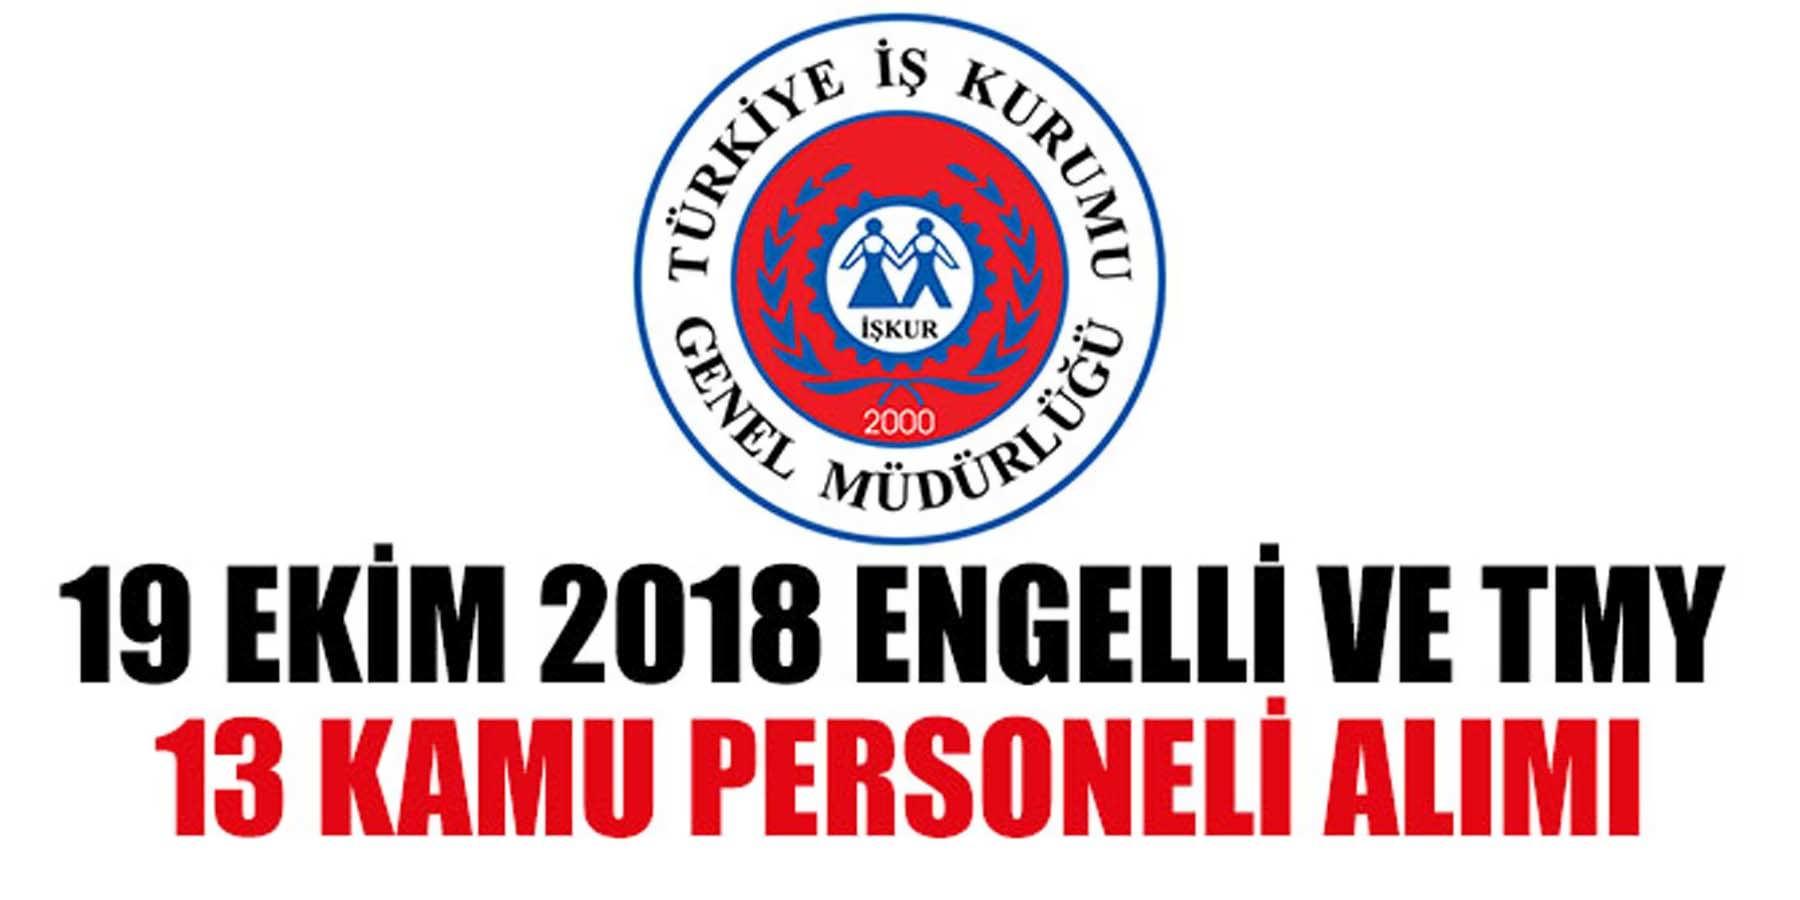 19 Ekim 2018 İŞKUR Engelli ve TMY 13 Kamu Personel Alımı